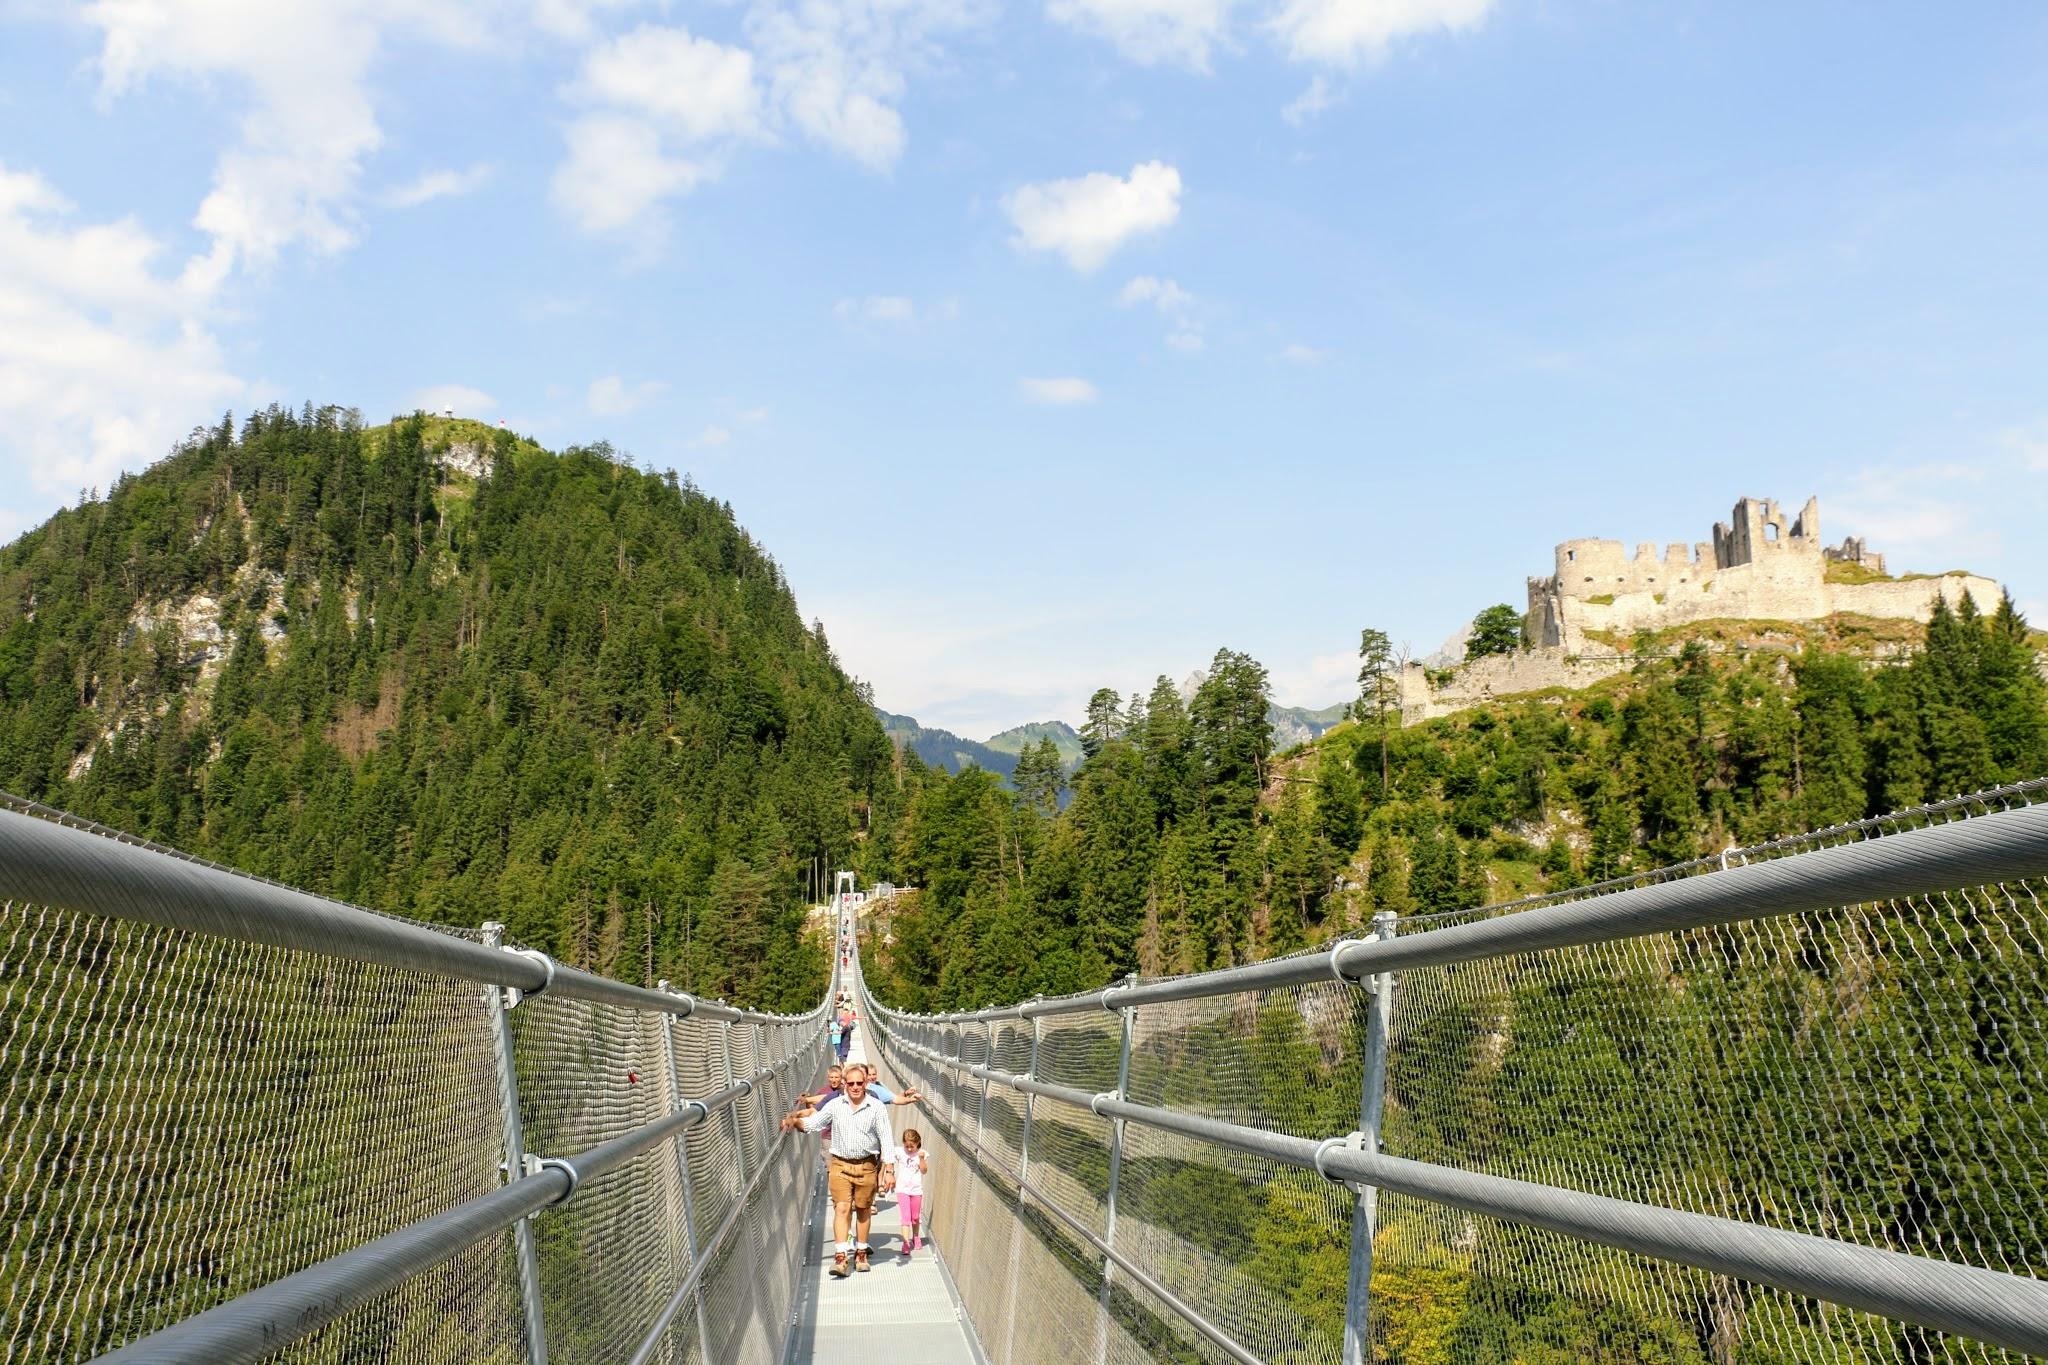 Voetgangershangbrug in Reutte Oostenrijk